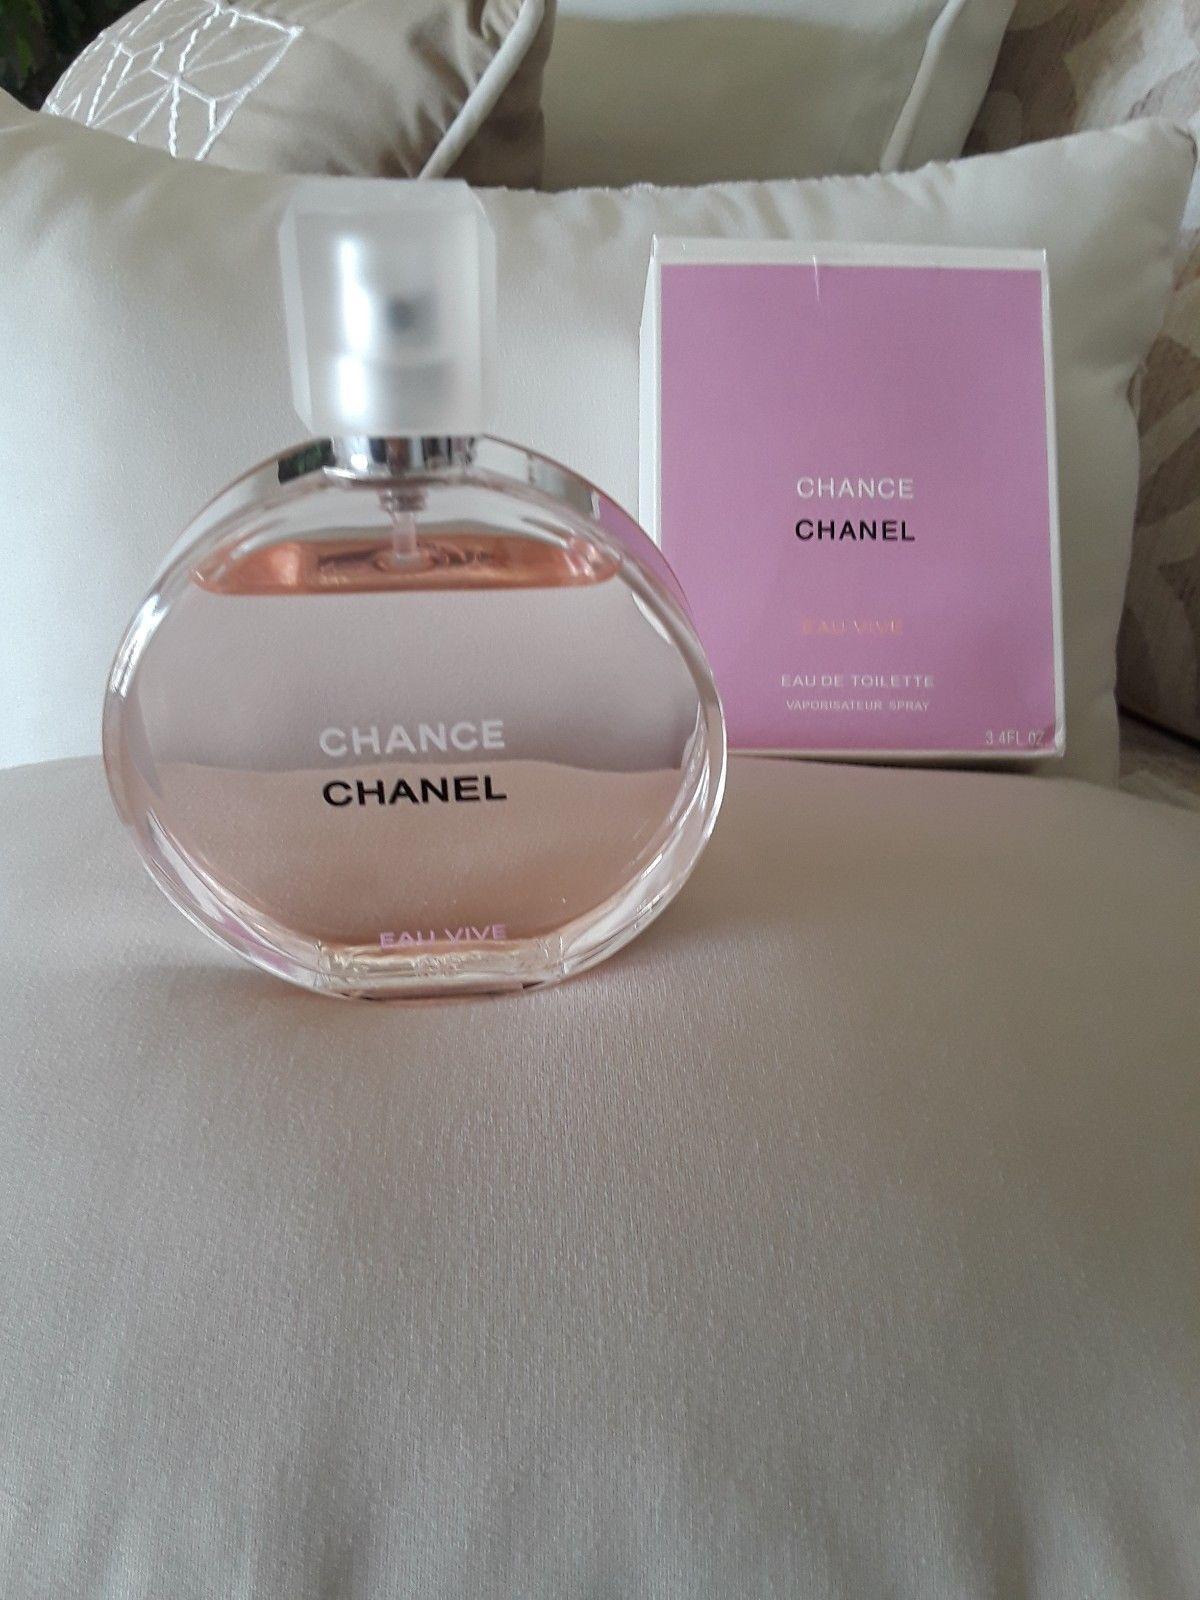 42 00 Chanel Chance Eau Vive 3 4oz Women S Eau De Toilette Chanel Chance Vive 3 4oz Womens Toilette Frag Perfume Storage Perfume Eau De Toilette